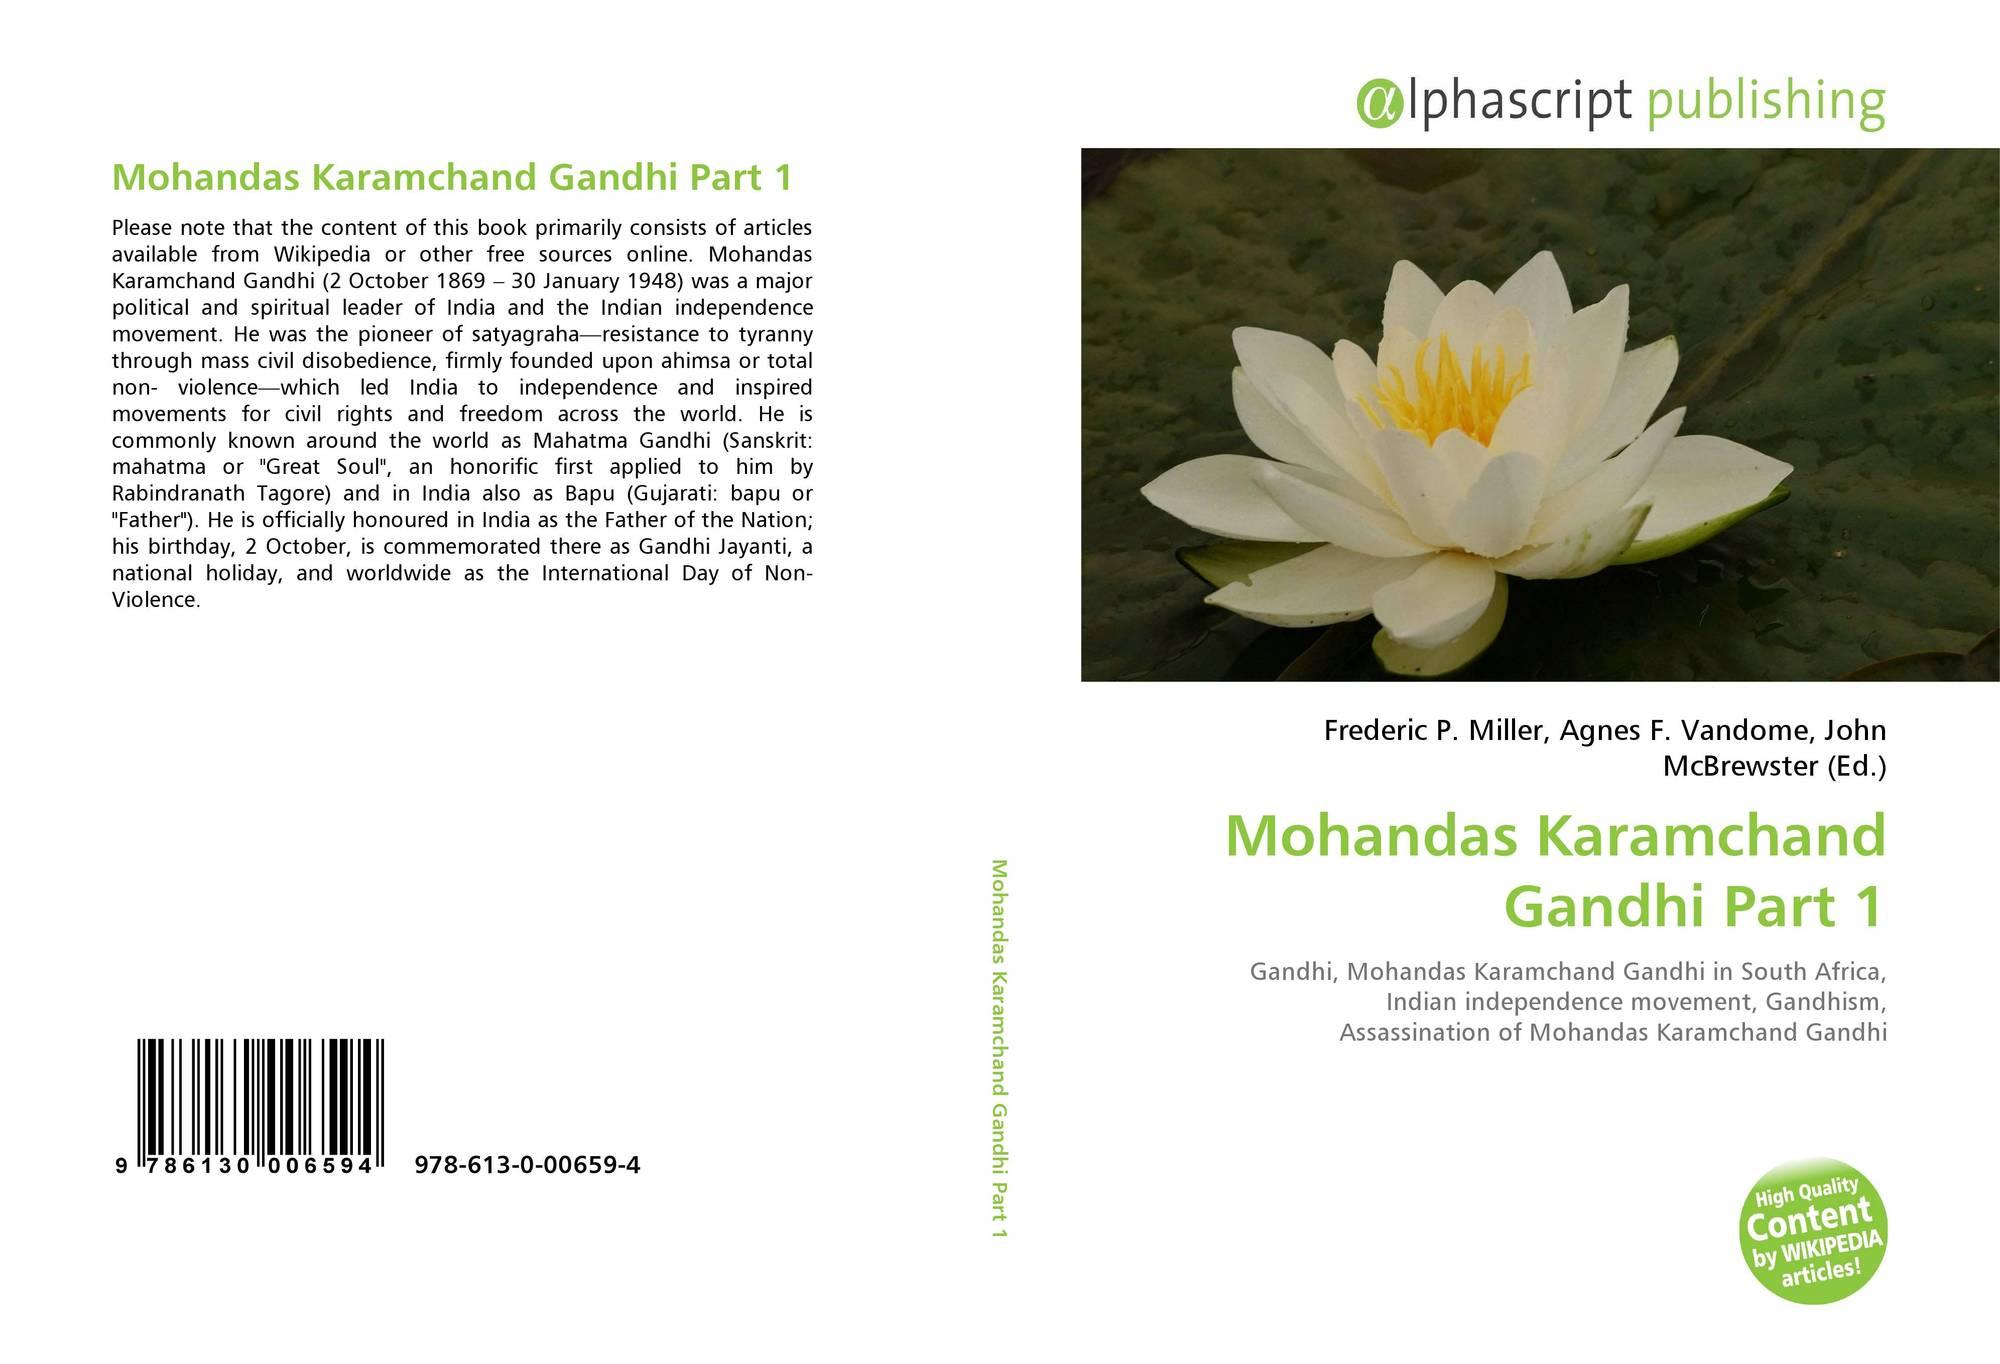 Mohandas Karamchand Gandhi Part 1 978 613 0 00659 4 6130006594